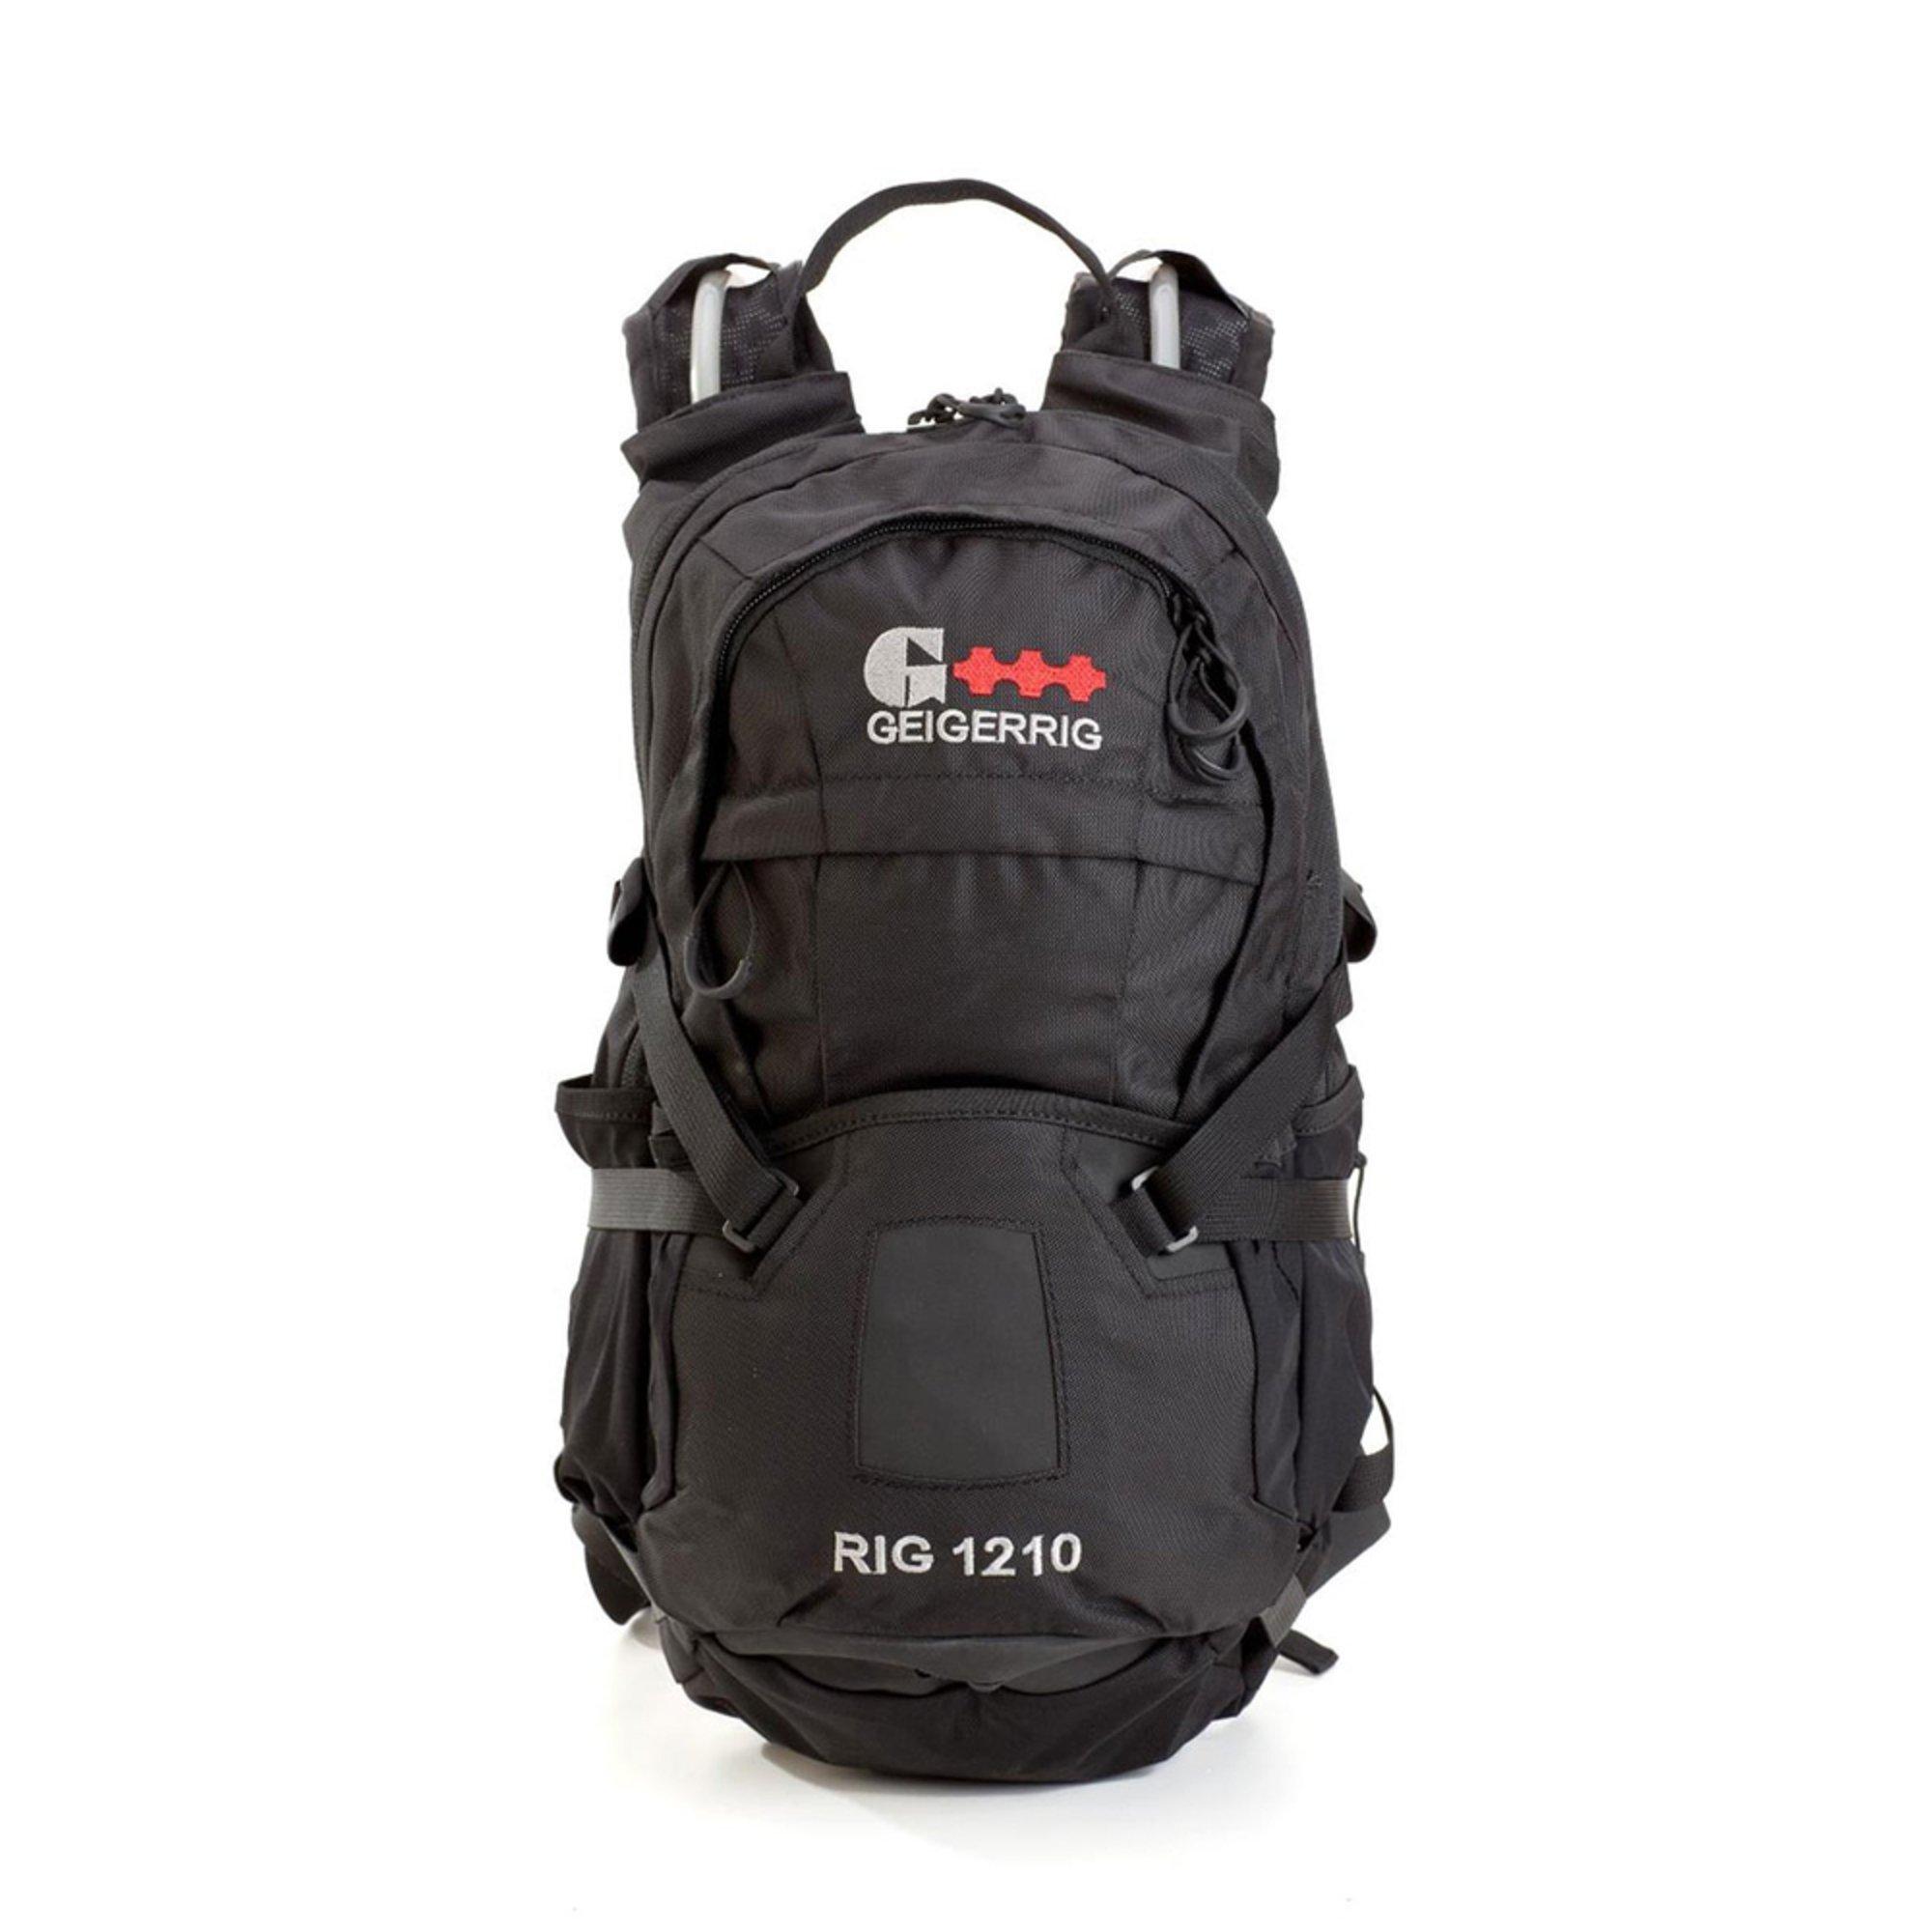 Geigerrig Rig 1210 3 Liter Hydration Pack Black A